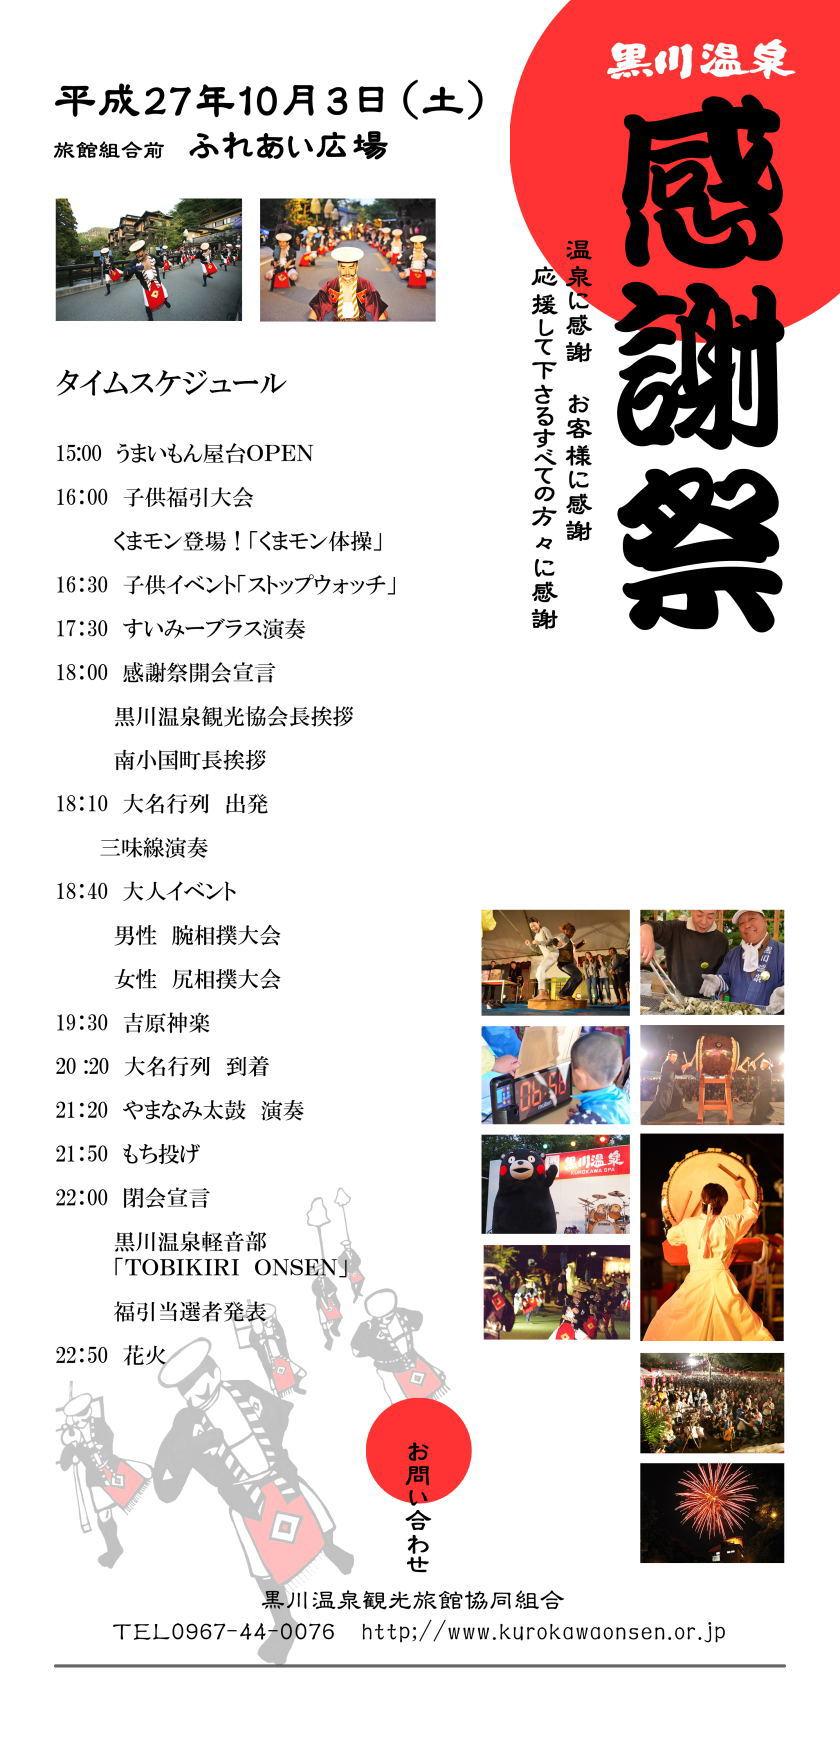 2015年黒川温泉感謝祭